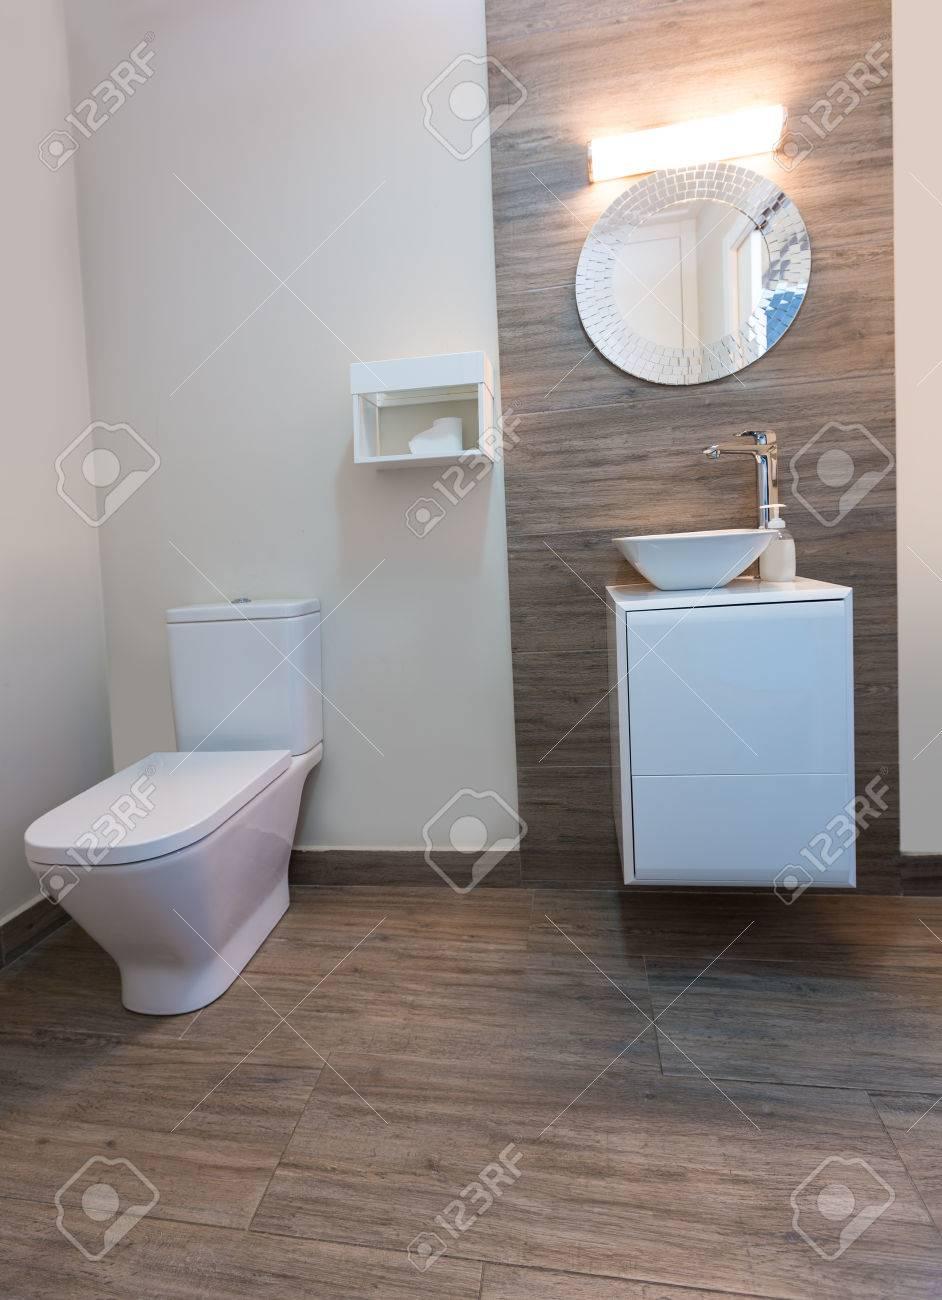 Salle De Bains WC Avec Miroir Rond Intérieur Moderne Avec De La ...